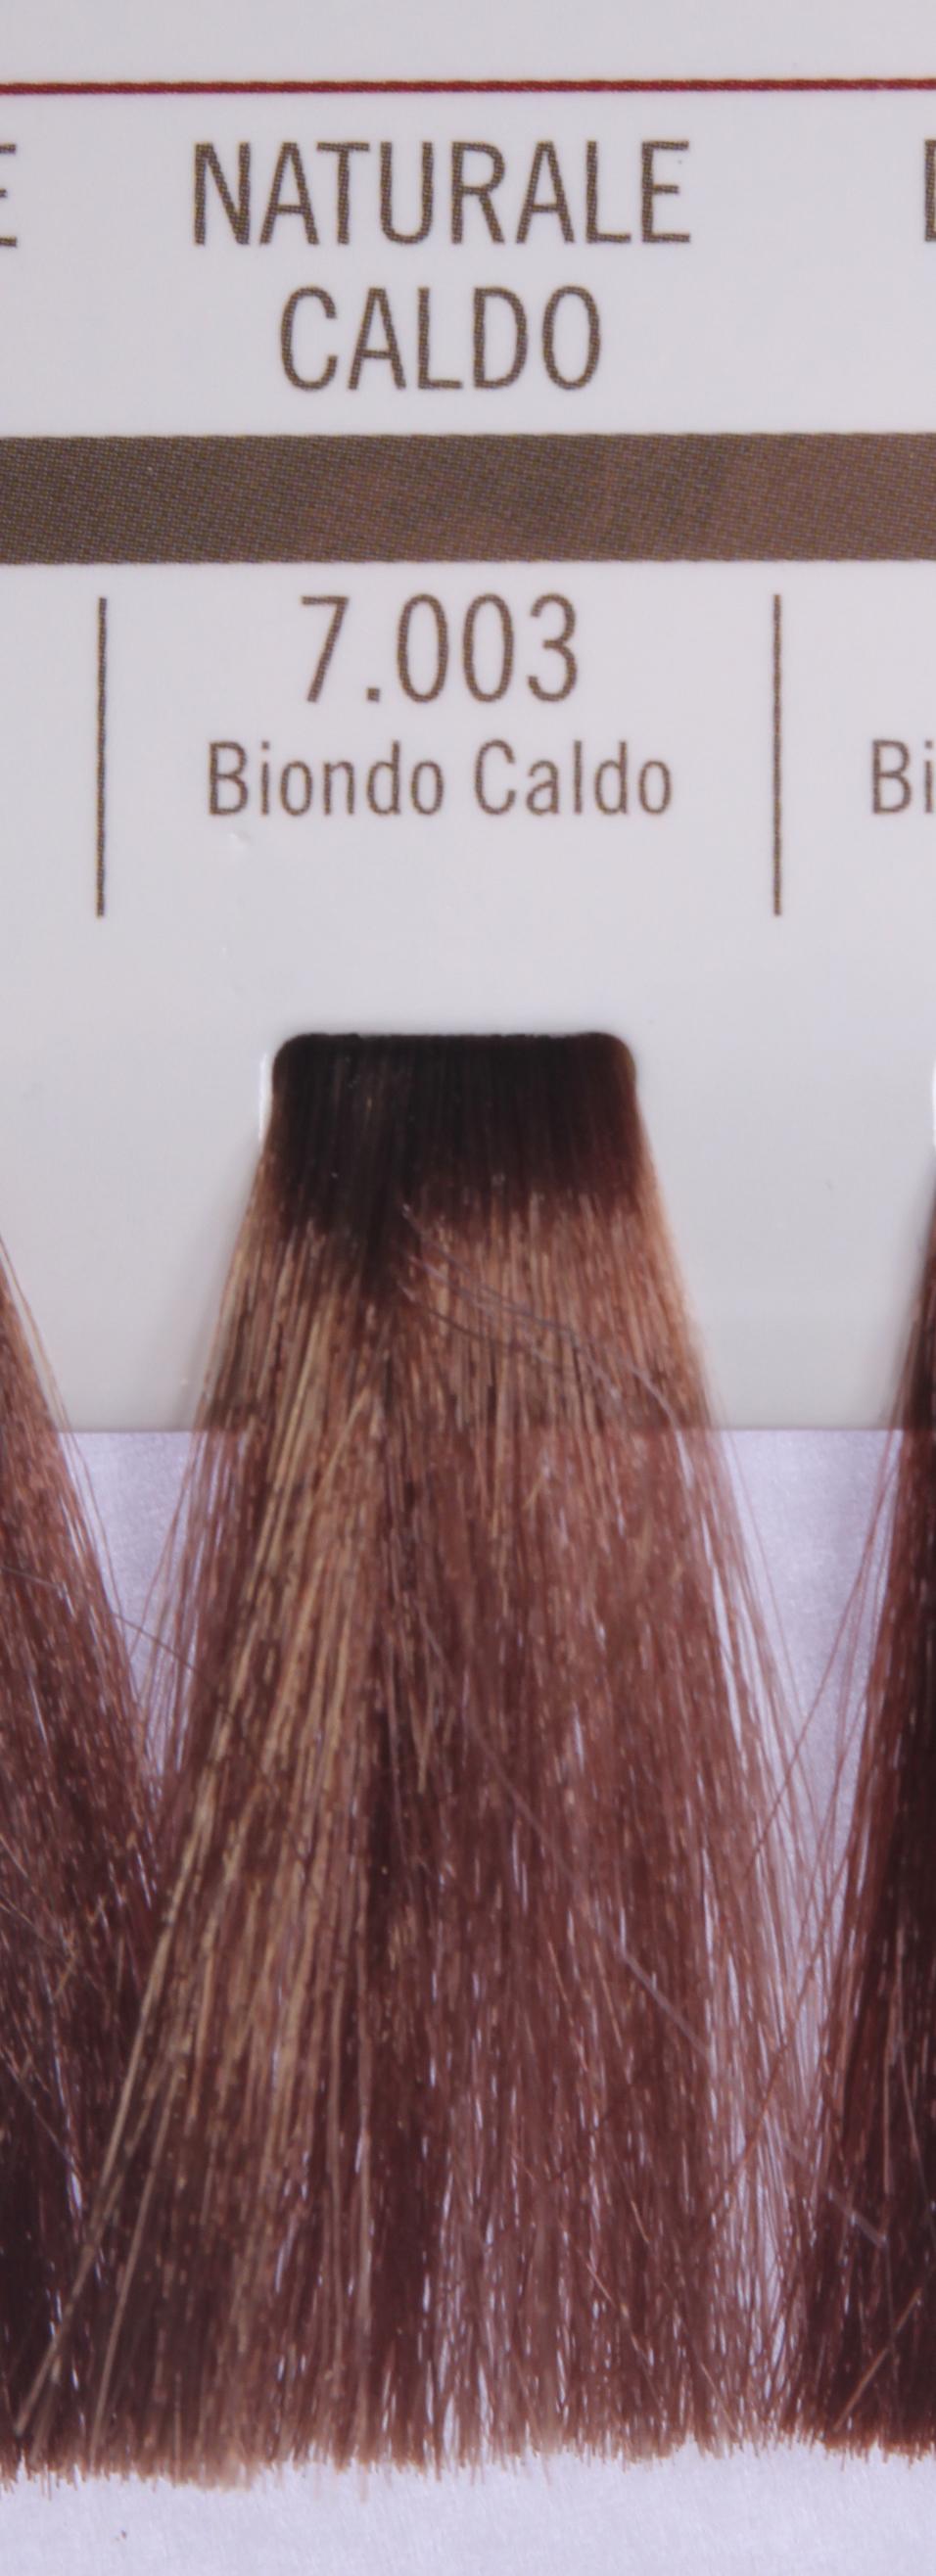 BAREX 7.003 краска для волос / PERMESSE 100млКраски<br>Оттенок: Блондин теплый. Профессиональная крем-краска Permesse отличается низким содержанием аммиака - от 1 до 1,5%. Обеспечивает блестящий и натуральный косметический цвет, 100% покрытие седых волос, идеальное осветление, стойкость и насыщенность цвета до следующего окрашивания. Комплекс сертифицированных органических пептидов M4, входящих в состав, действует с момента нанесения, увлажняя волосы, придавая им прочность и защиту. Пептиды избирательно оседают в самых поврежденных участках волоса, восстанавливая и защищая их. Масло карите оказывает смягчающее и успокаивающее действие. Комплекс пептидов и масло карите стимулируют проникновение пигментов вглубь структуры волоса, придавая им здоровый вид, блеск и долговечность косметическому цвету. Активные ингредиенты:&amp;nbsp;Сертифицированные органические пептиды М4 - пептиды овса, бразильского ореха, сои и пшеницы, объединенные в полифункциональный комплекс, придающий прочность окрашенным волосам, увлажняющий и защищающий их. Сертифицированное органическое масло карите (масло ши) - богато жирными кислотами, экстрагируется из ореха африканского дерева карите. Оказывает смягчающий и целебный эффект на кожу и волосы, широко применяется в косметической индустрии. Масло карите защищает волосы от неблагоприятного воздействия внешней среды, интенсивно увлажняет кожу и волосы, т.к. обладает высокой степенью абсорбции, не забивает поры. Способ применения:&amp;nbsp;Крем-краска готовится в смеси с Молочком-оксигентом Permesse 10/20/30/40 объемов в соотношении 1:1 (например, 50 мл крем-краски + 50 мл молочка-оксигента). Молочко-оксигент работает в сочетании с крем-краской и гарантирует идеальное проявление краски. Тюбик крем-краски Permesse содержит 100 мл продукта, количество, достаточное для 2 полных нанесений. Всегда надевайте подходящие специальные перчатки перед подготовкой и нанесением краски. Подготавливайте смесь крем-краски и молочка-оксигента Permesse в неметалличе